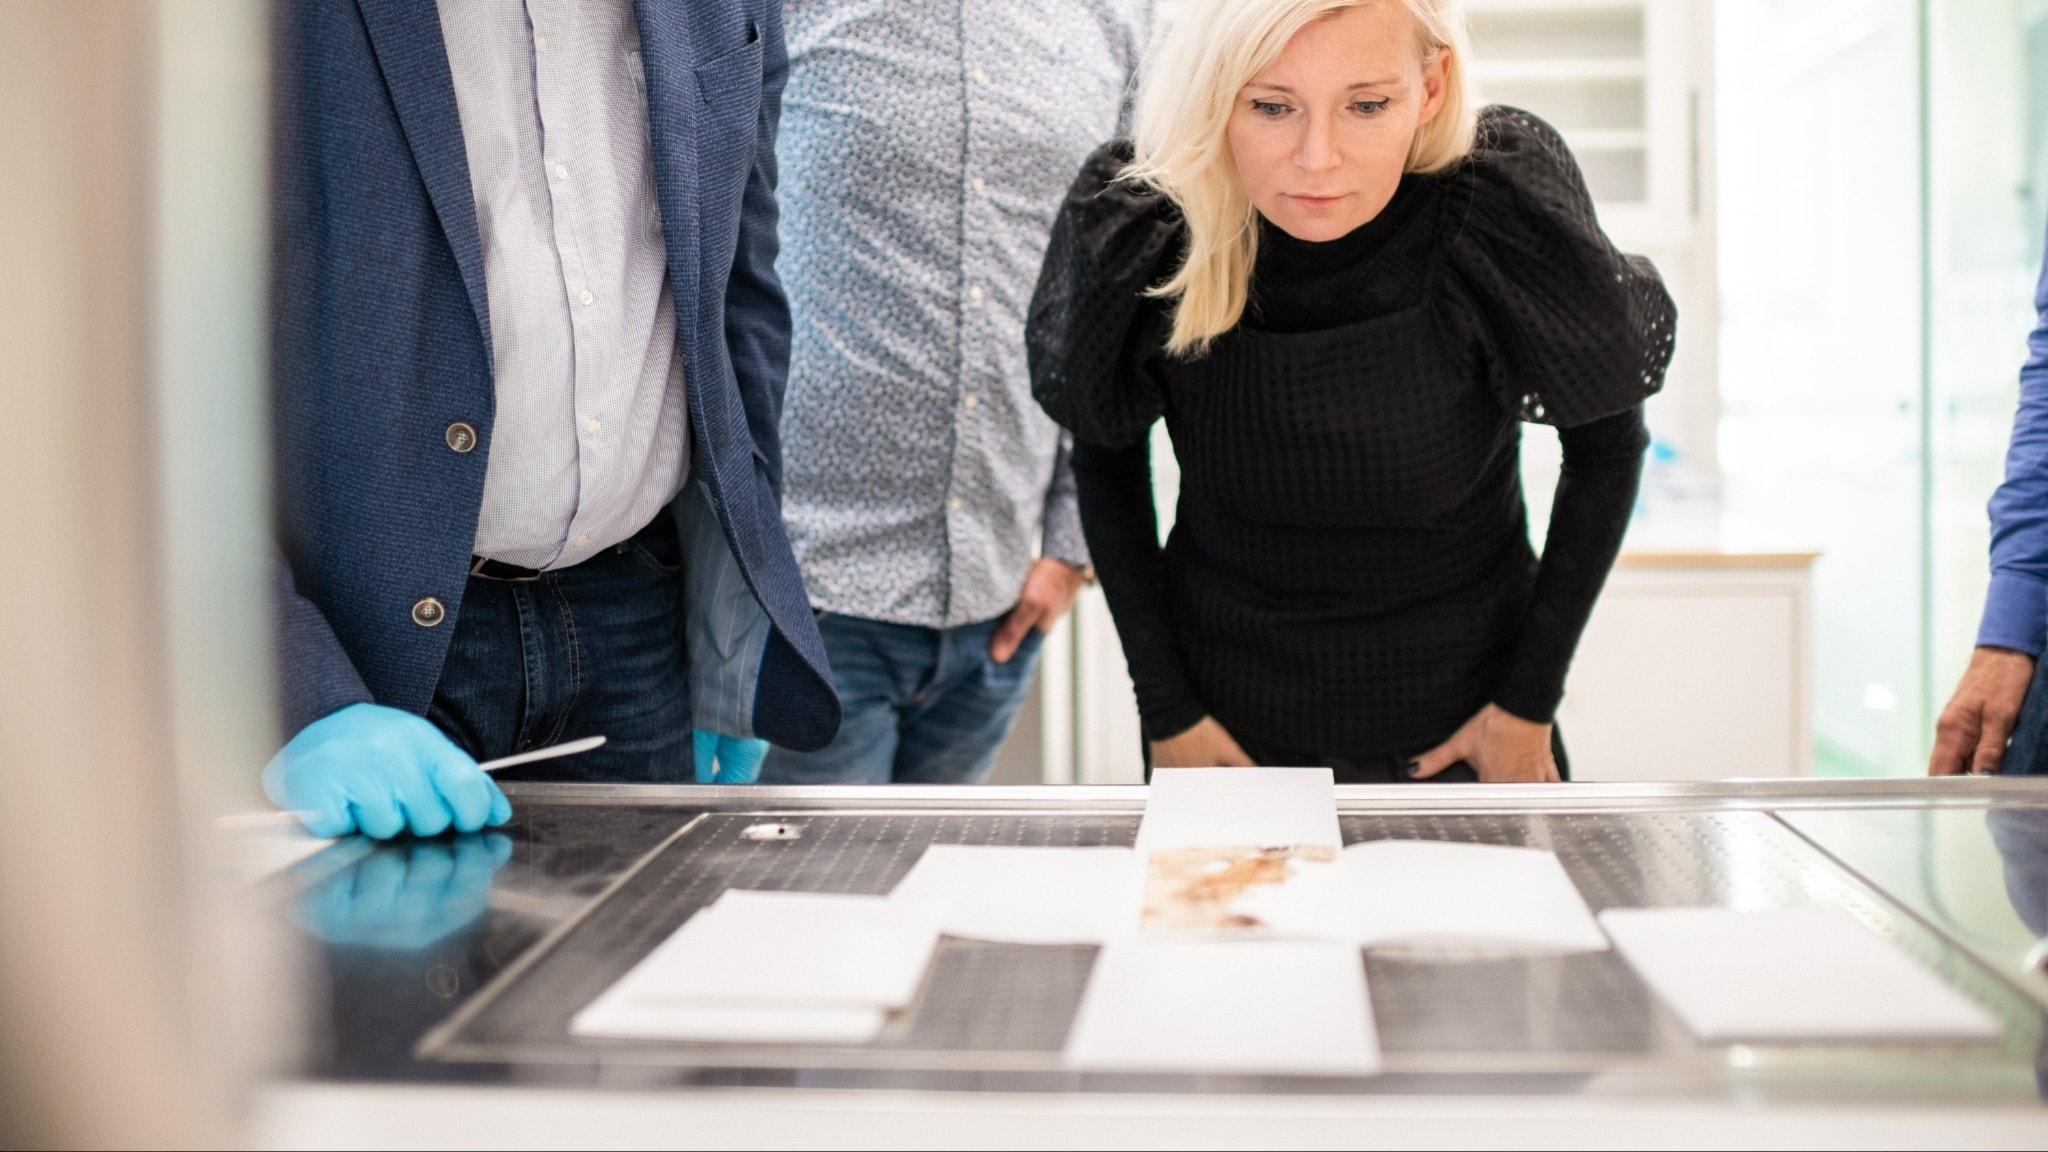 Bea Uusma lutar sig över ingenjör Andrées sista dagbok, som inte varit framme ur arkivet på 90 år.